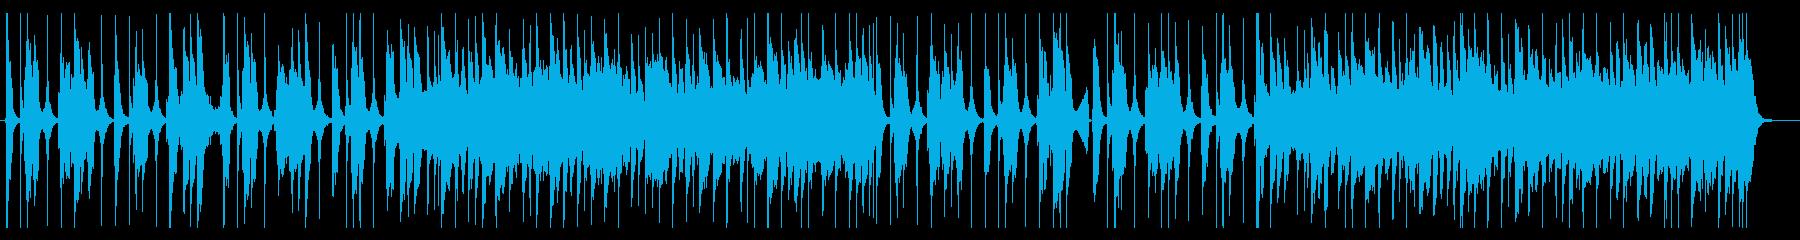 ブルース インディーロック ワイル...の再生済みの波形